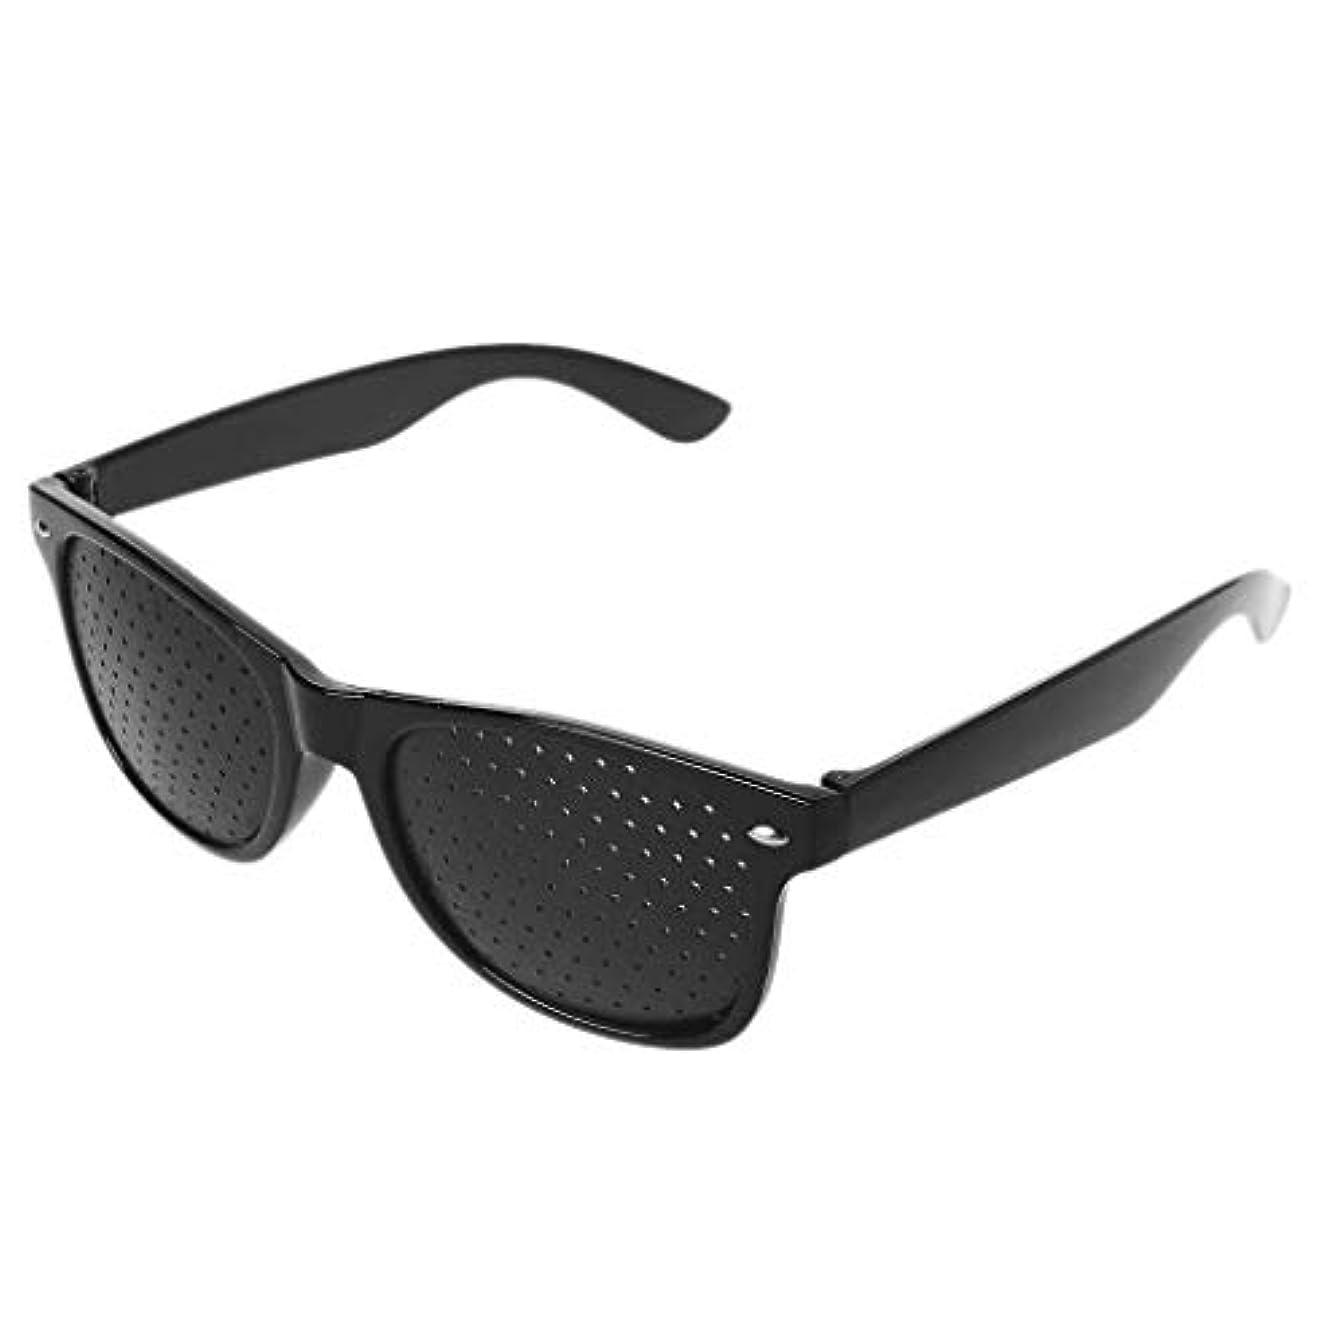 ずるい貞誰がピンホールメガネ、アイズエクササイズアイサイトビジョンメガネの改善ビジョンケアメガネ近視の防止メガネの改善